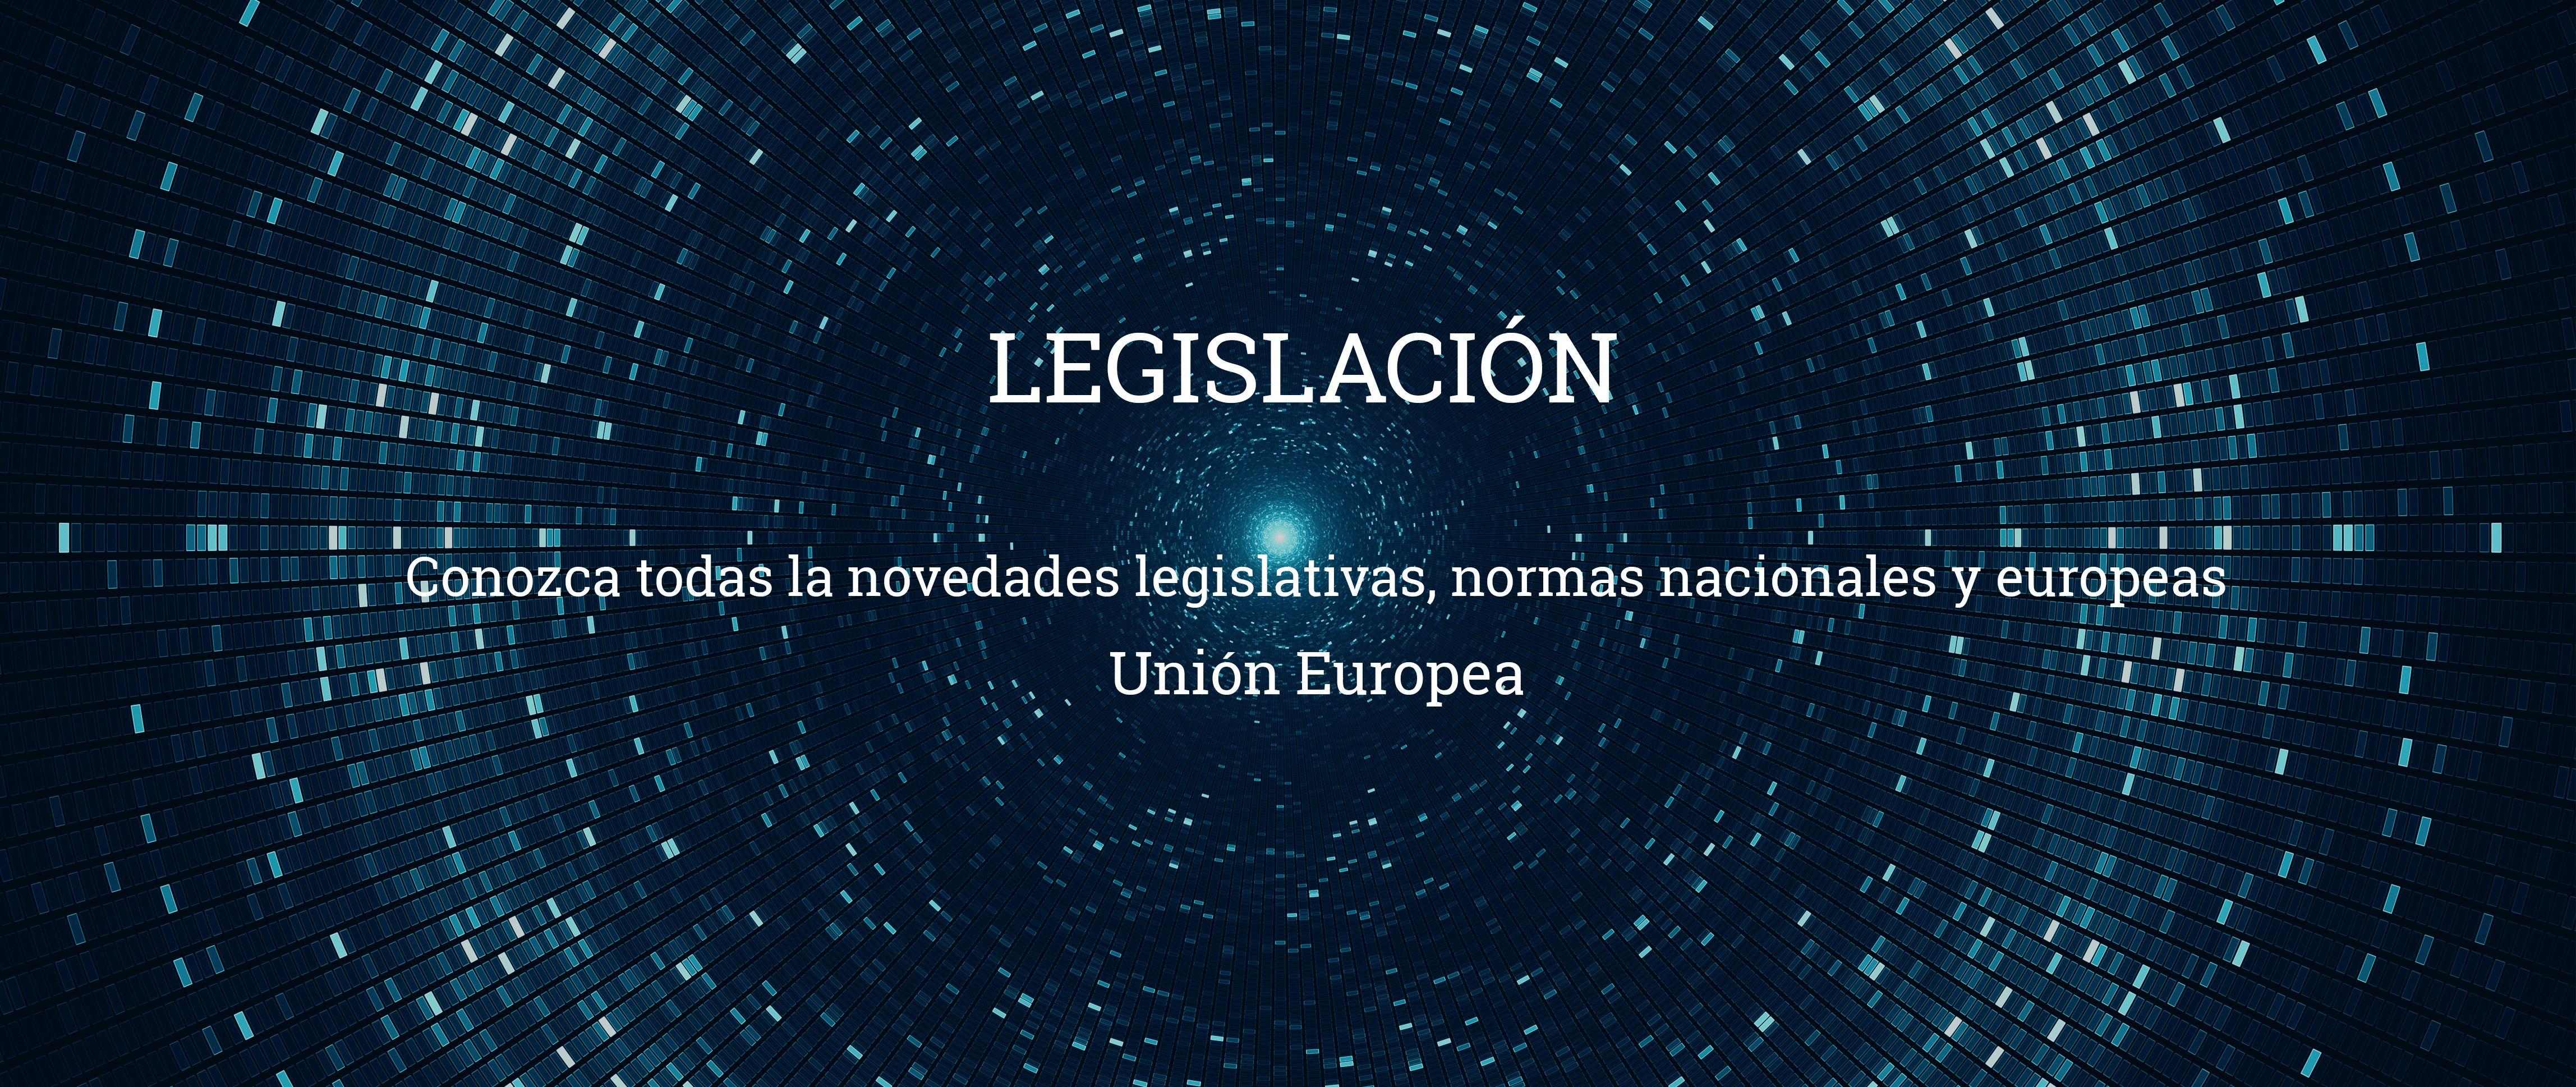 legislacion union europea Unión Europea